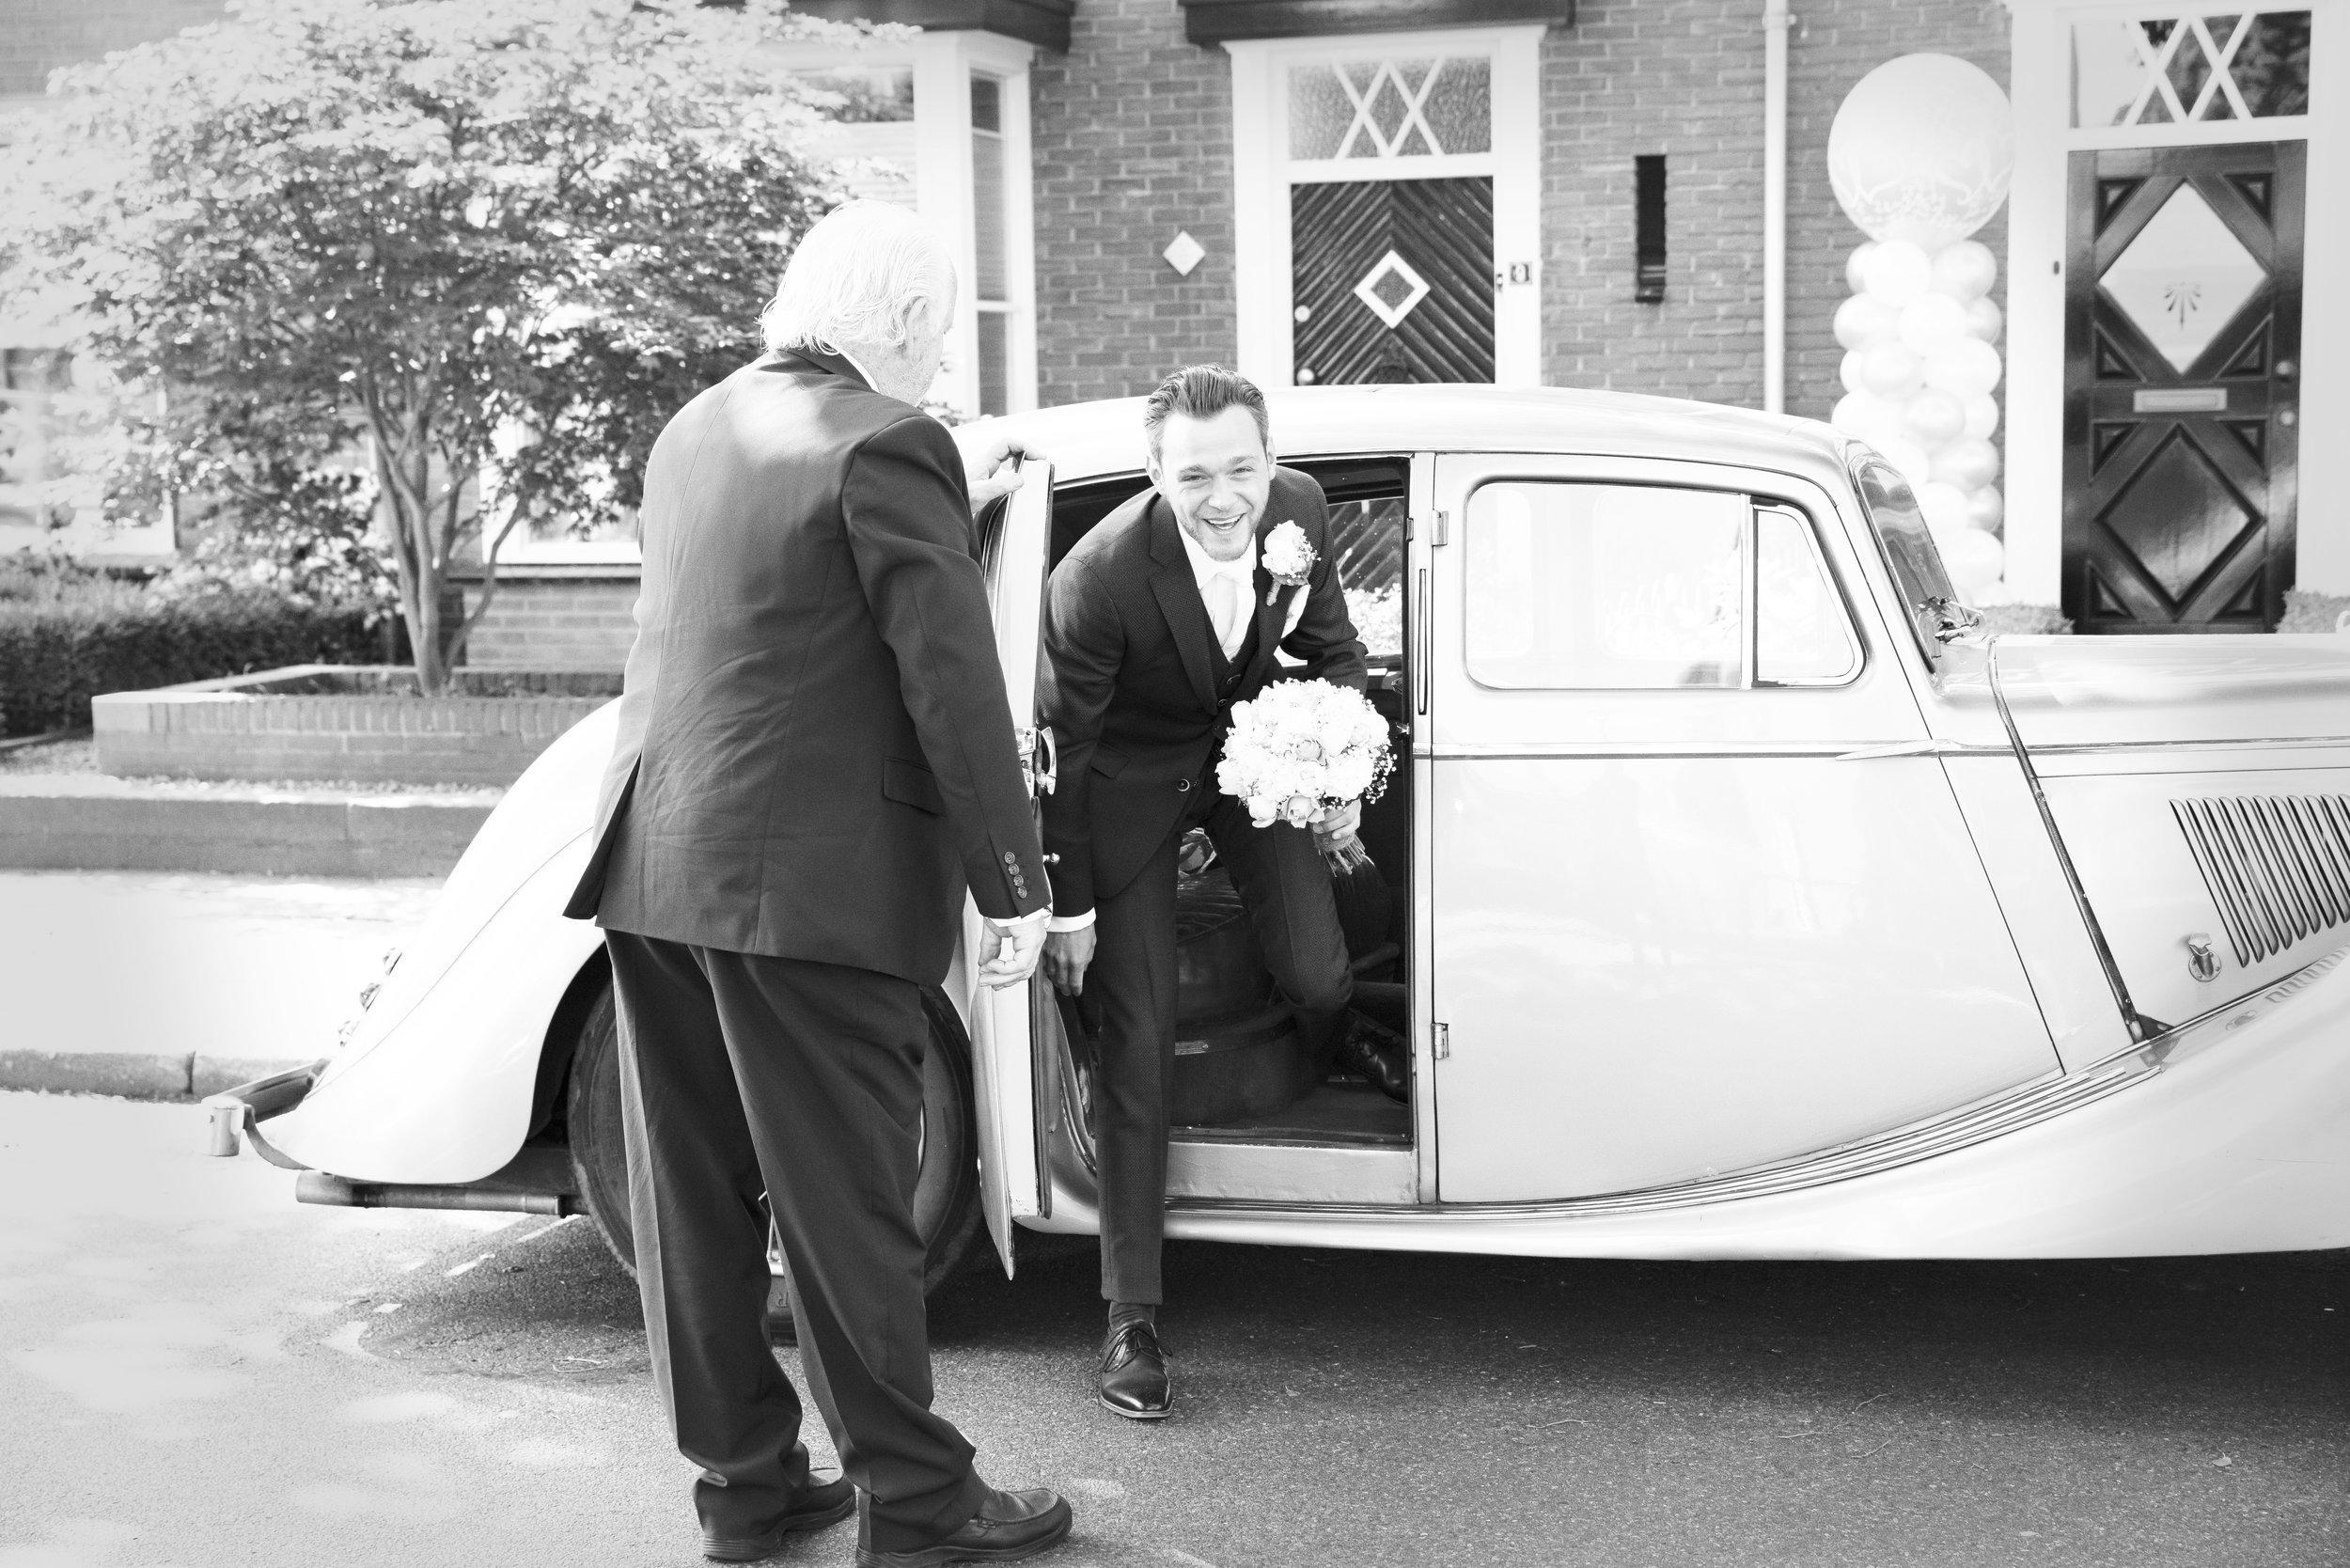 trouwauto bruidegom trouwfoto Precious People